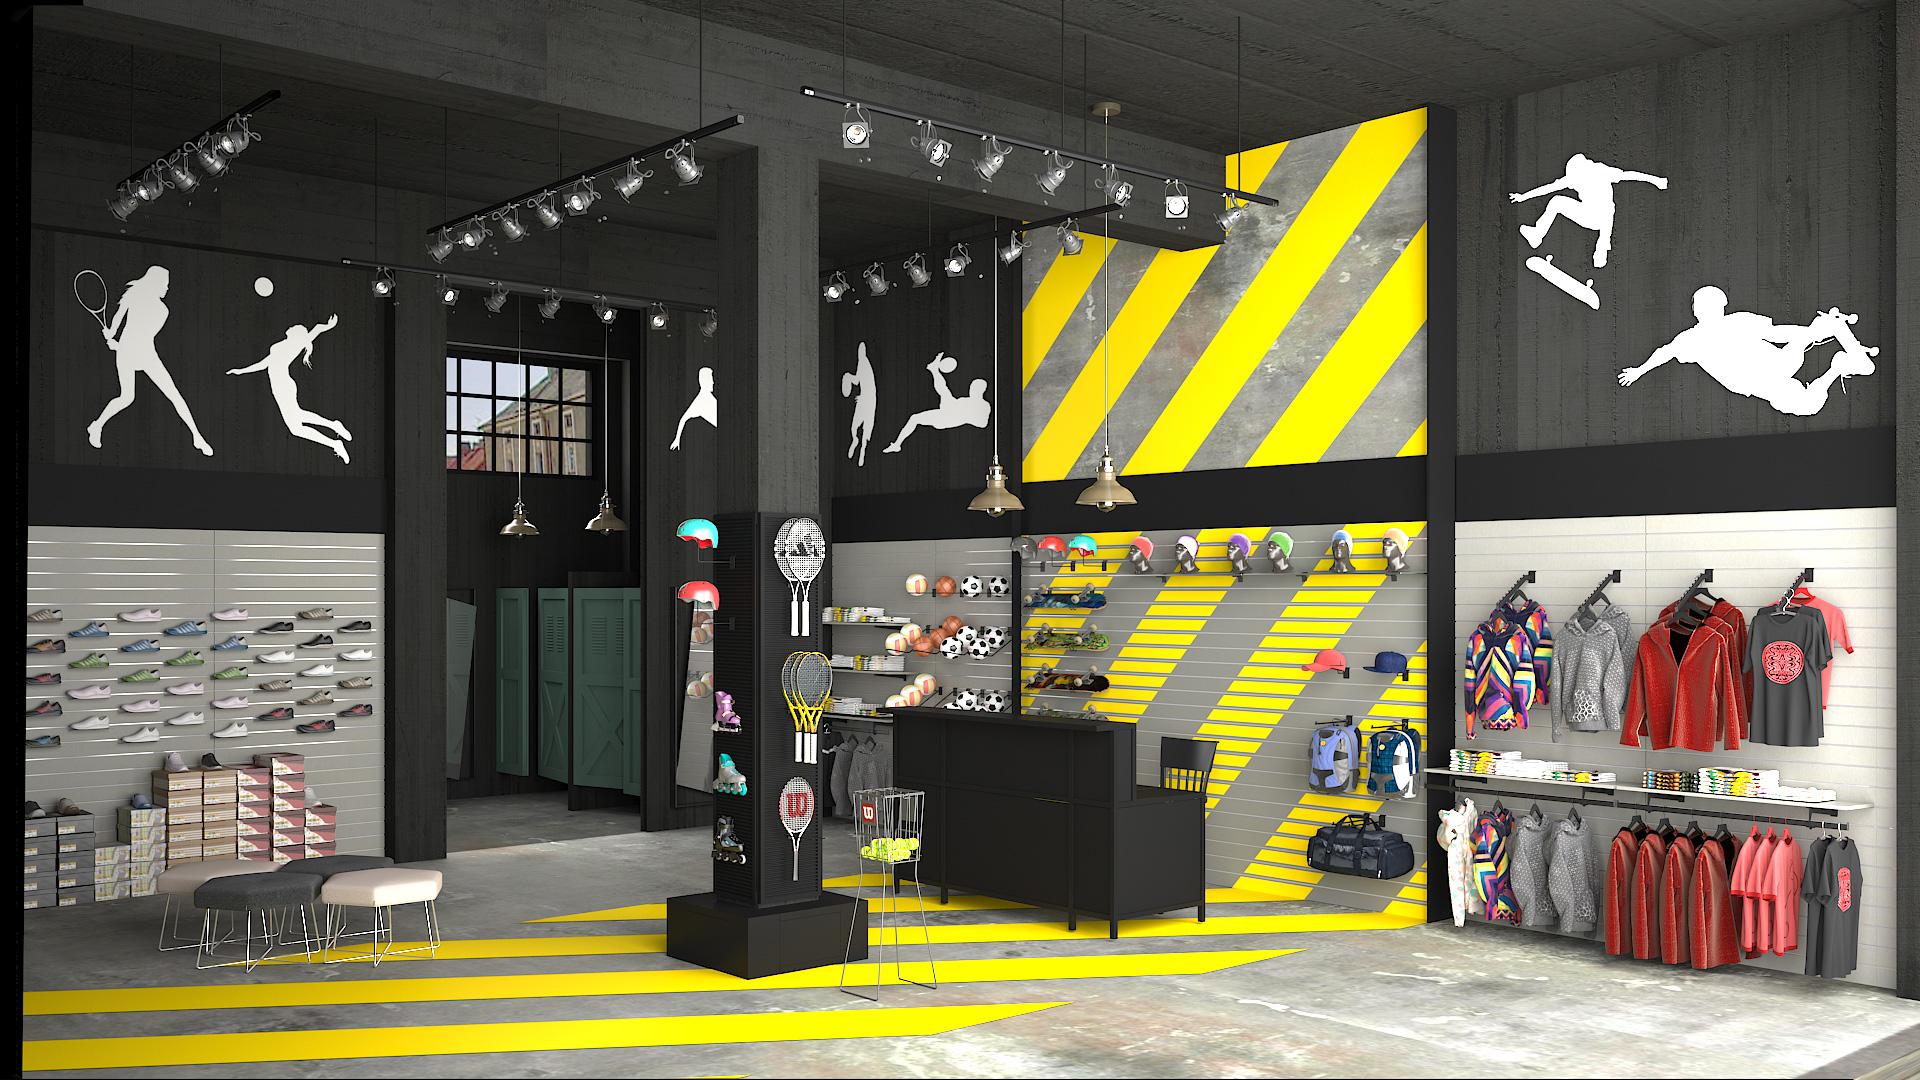 Έπιπλα για κατάστημα Ειδών Άθλησης –Sport. Σχεδιασμός  industrial design   με κύριο δομικό σύστημα προβολής   επένδυσης το  Slat πάνελ . 809c5623041